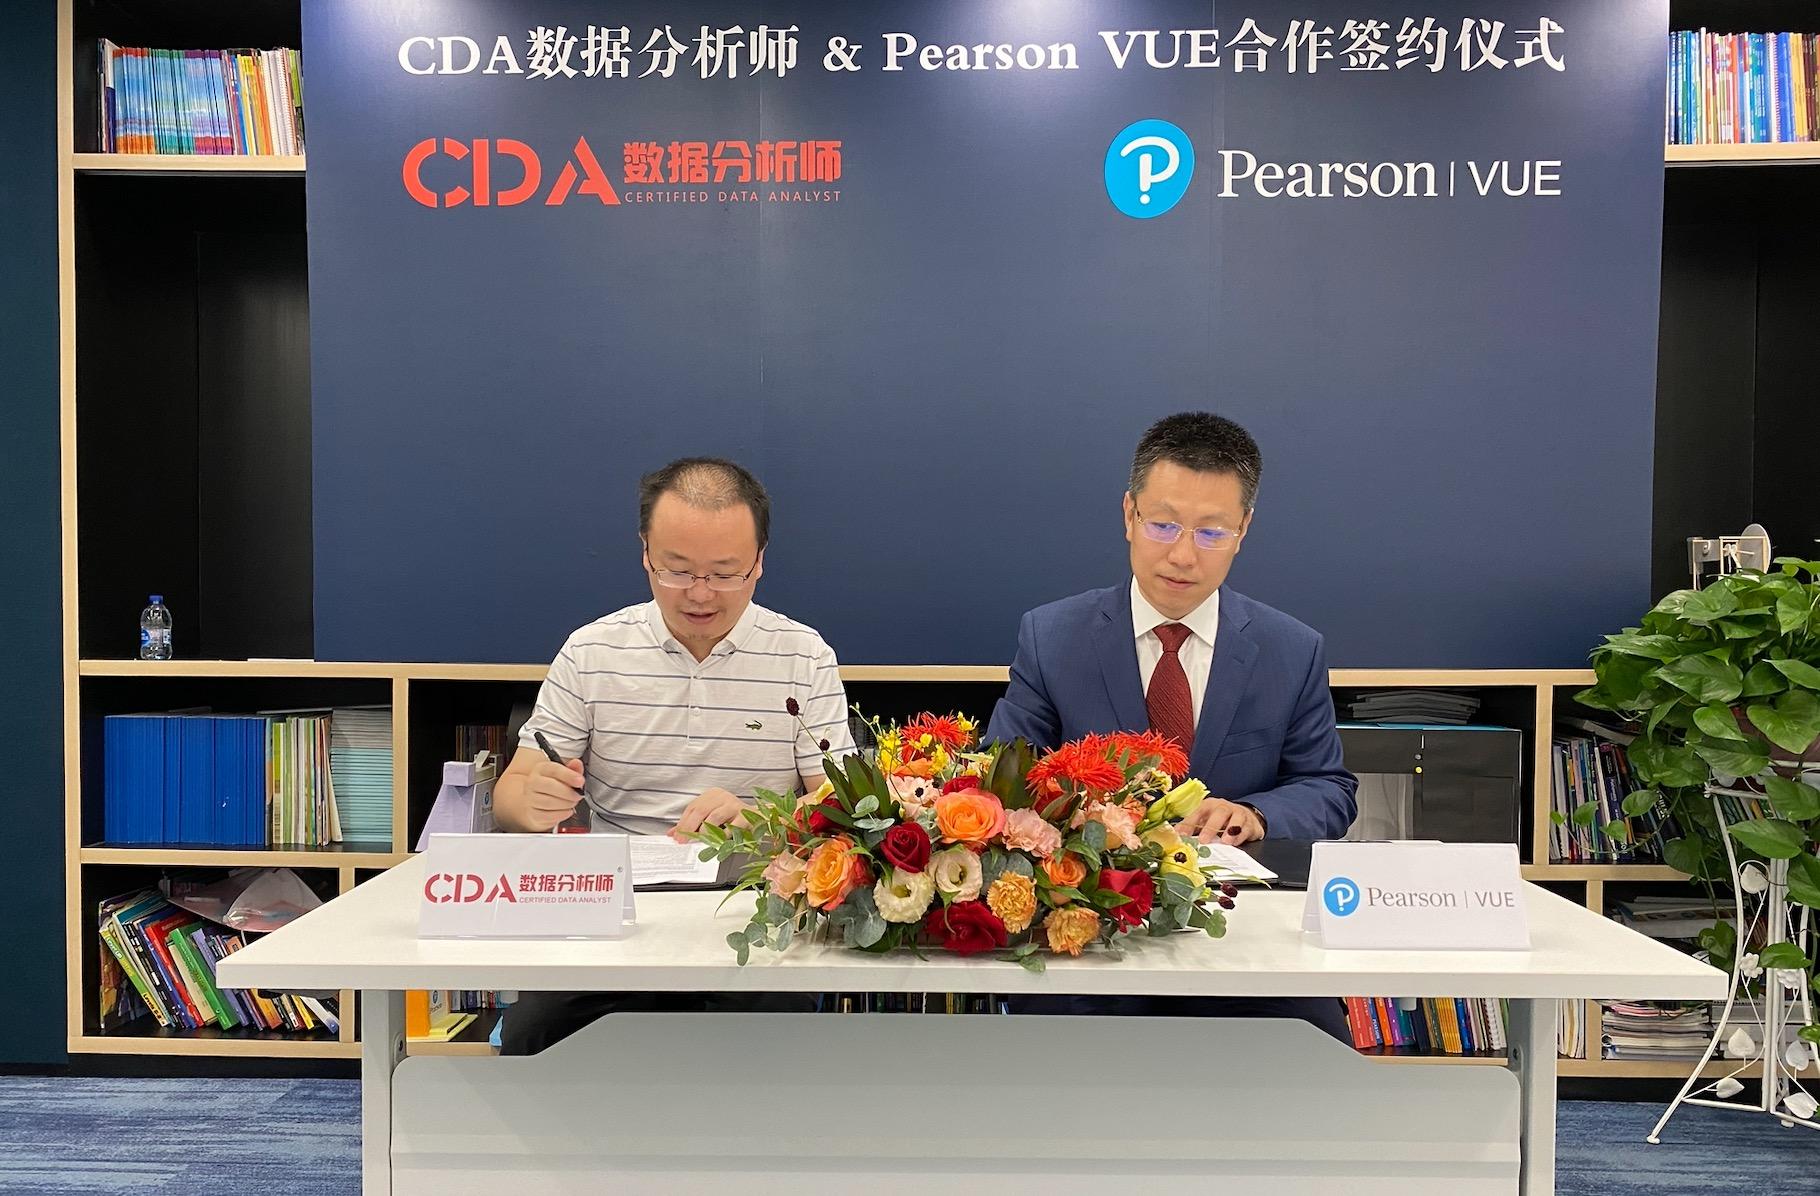 CDA数据分析师认证与Pe ...